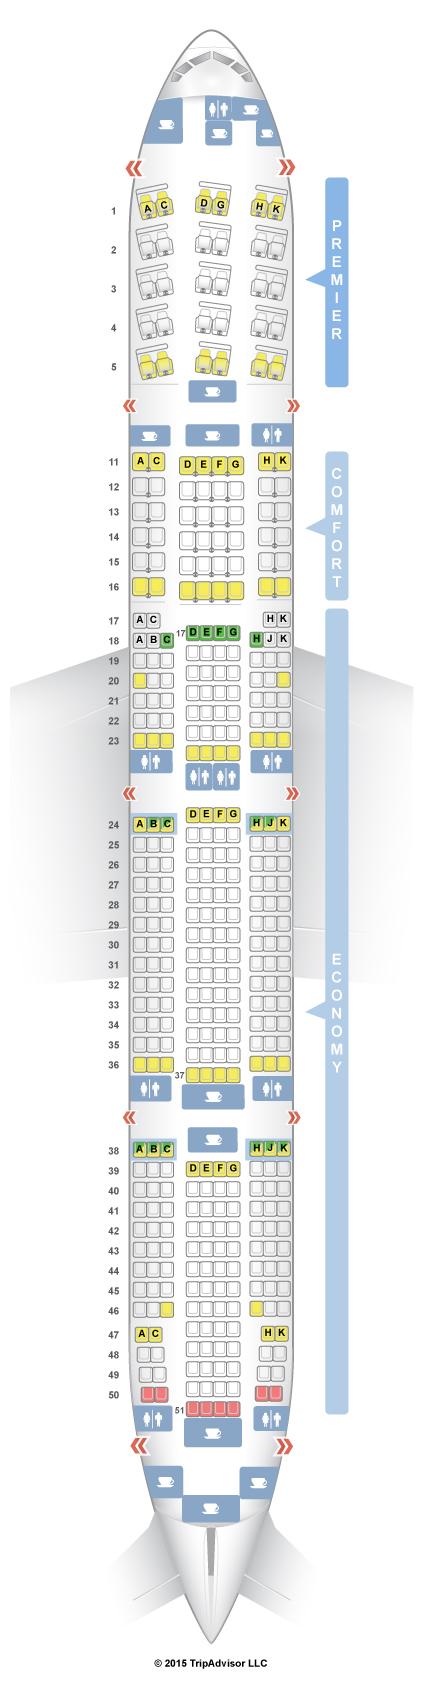 Boeing 777 300Er Seat Map SeatGuru Seat Map Aeroflot Boeing 777 300ER (773) Boeing 777 300Er Seat Map